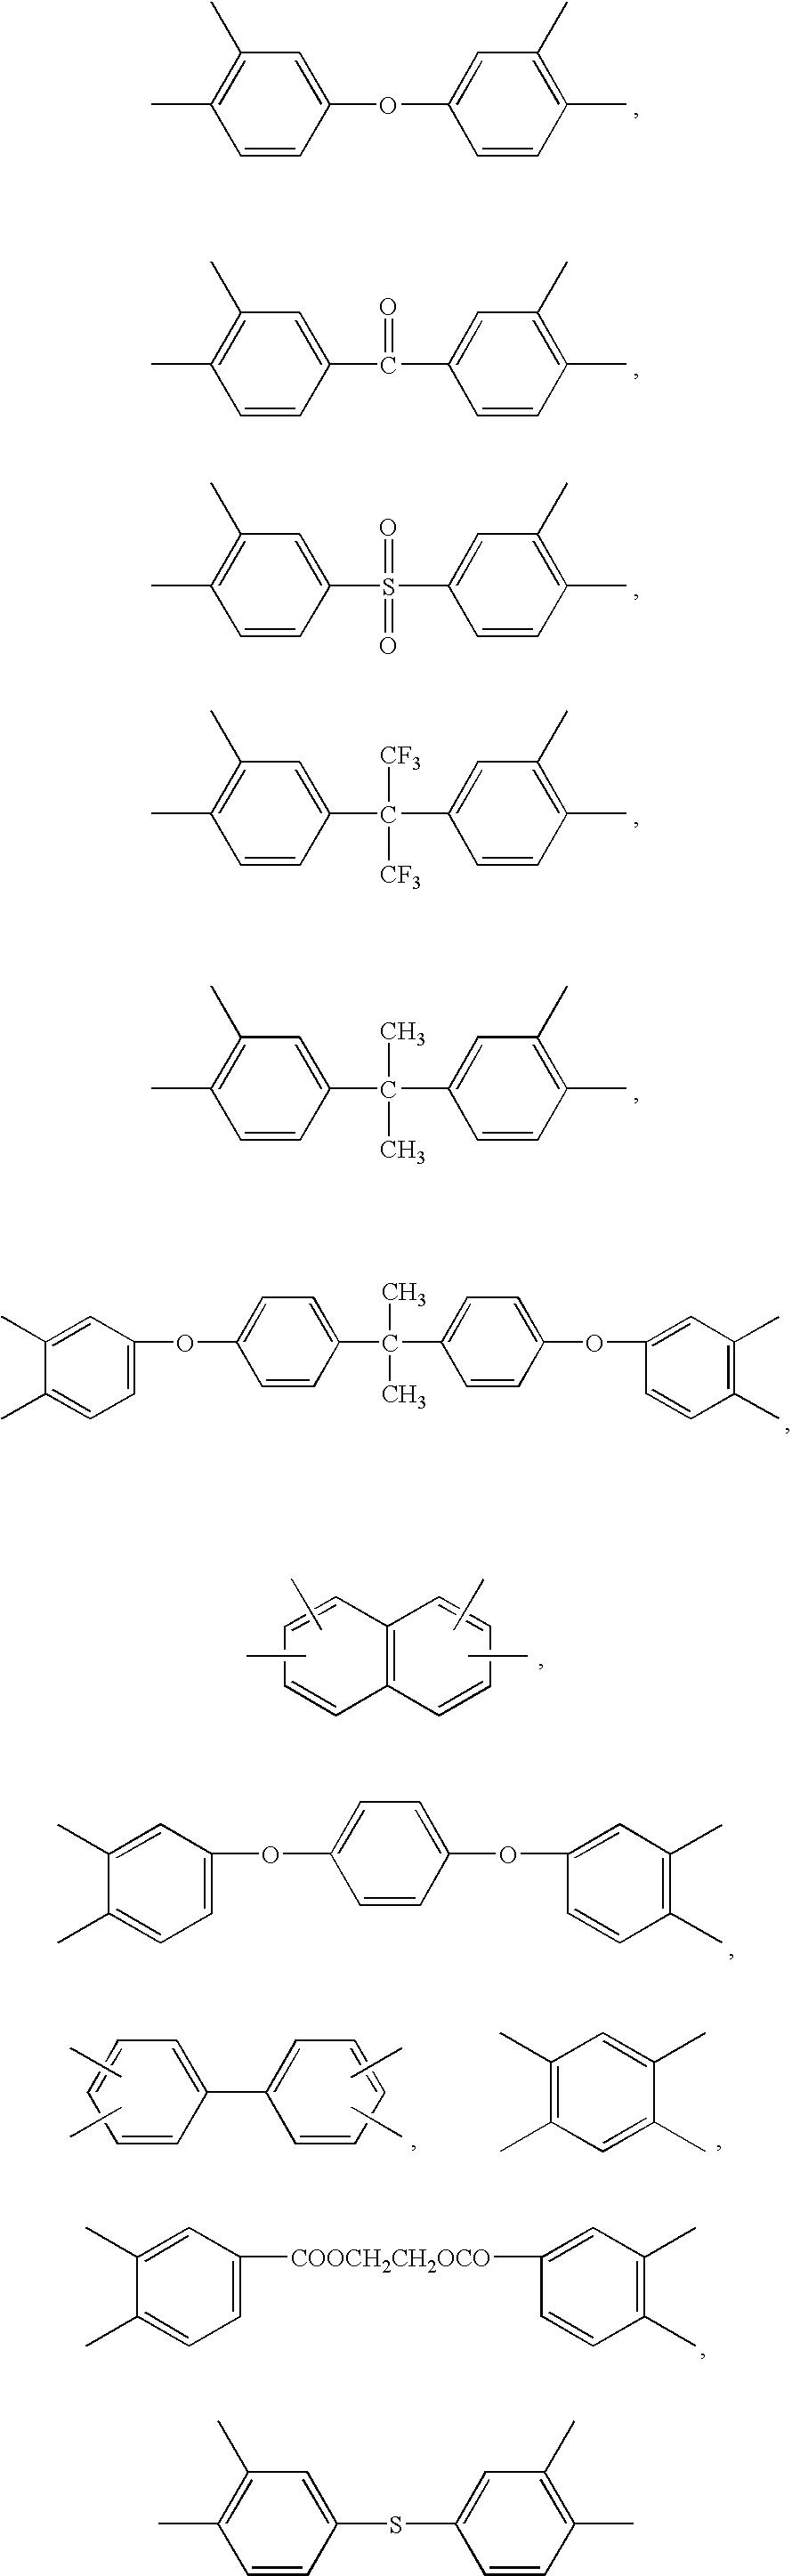 Figure US20100242723A1-20100930-C00020